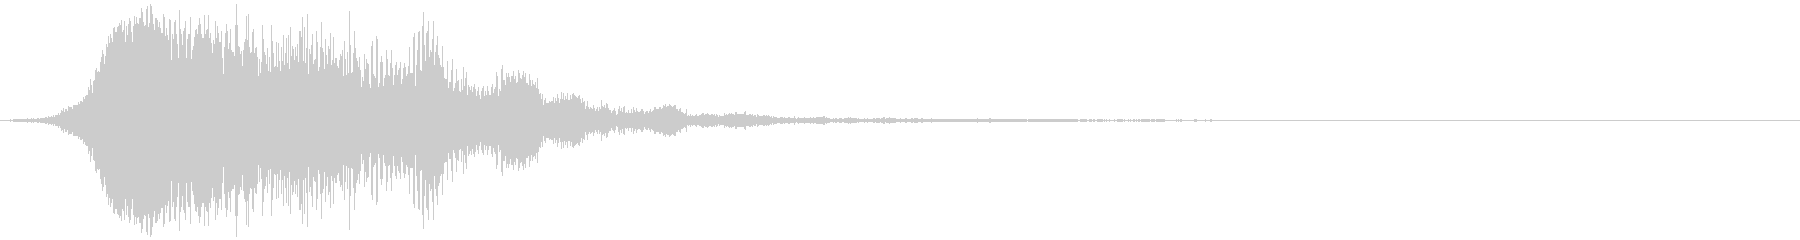 【ホラー】SFX_22 奇妙な音の未再生の波形